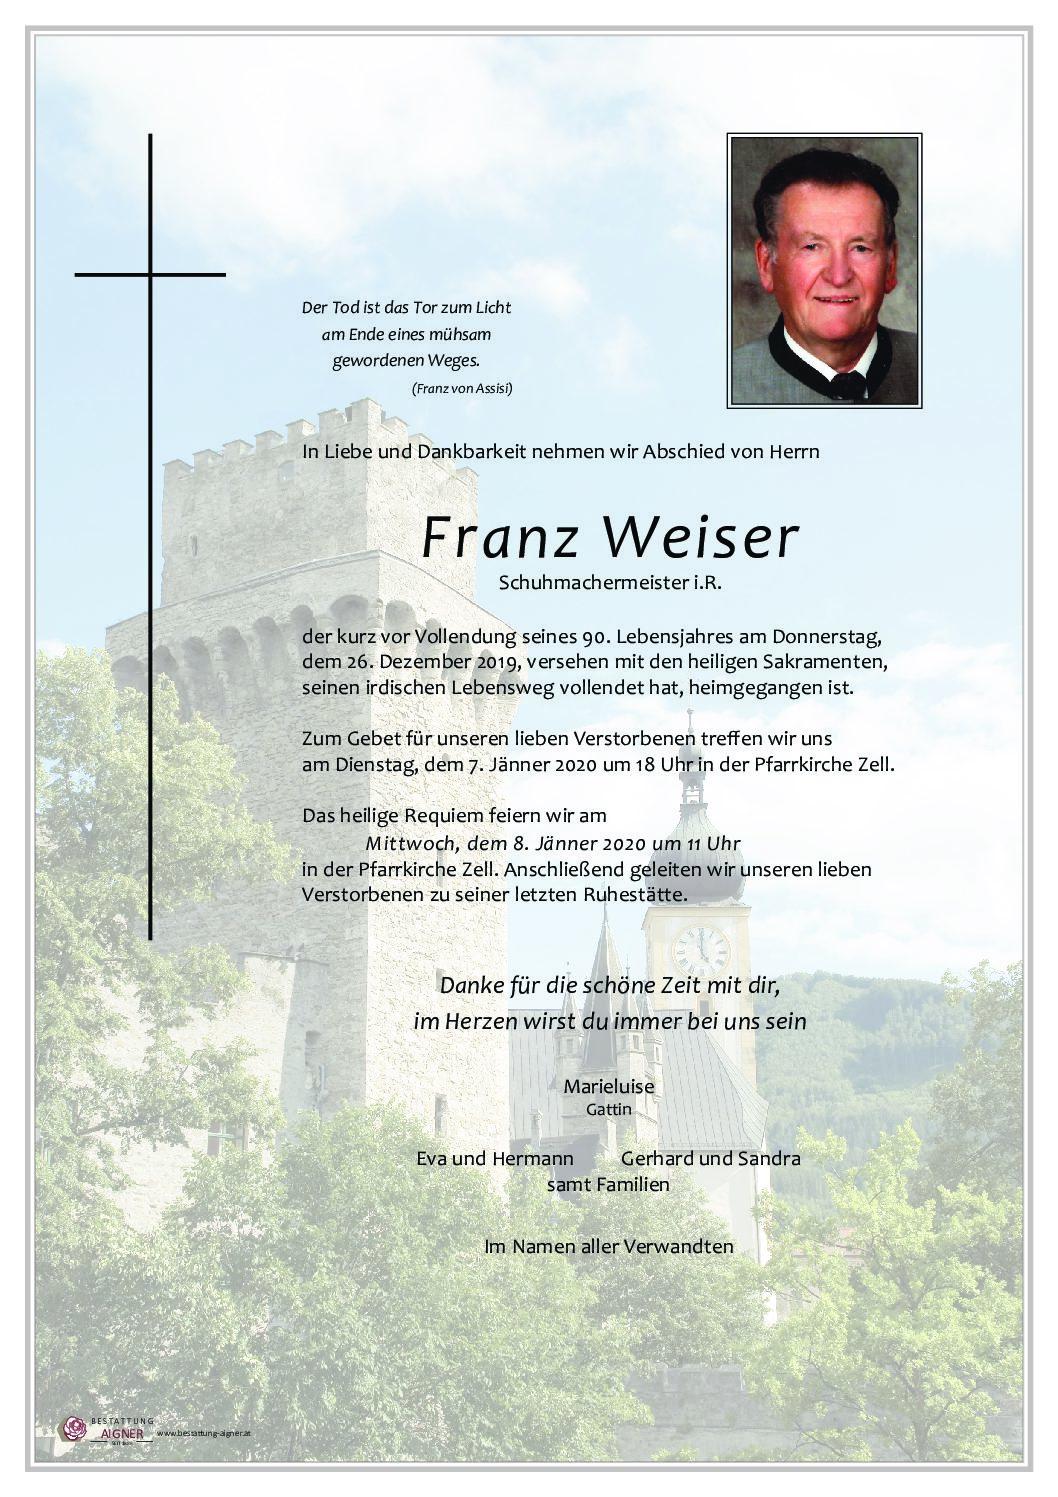 Franz Weiser